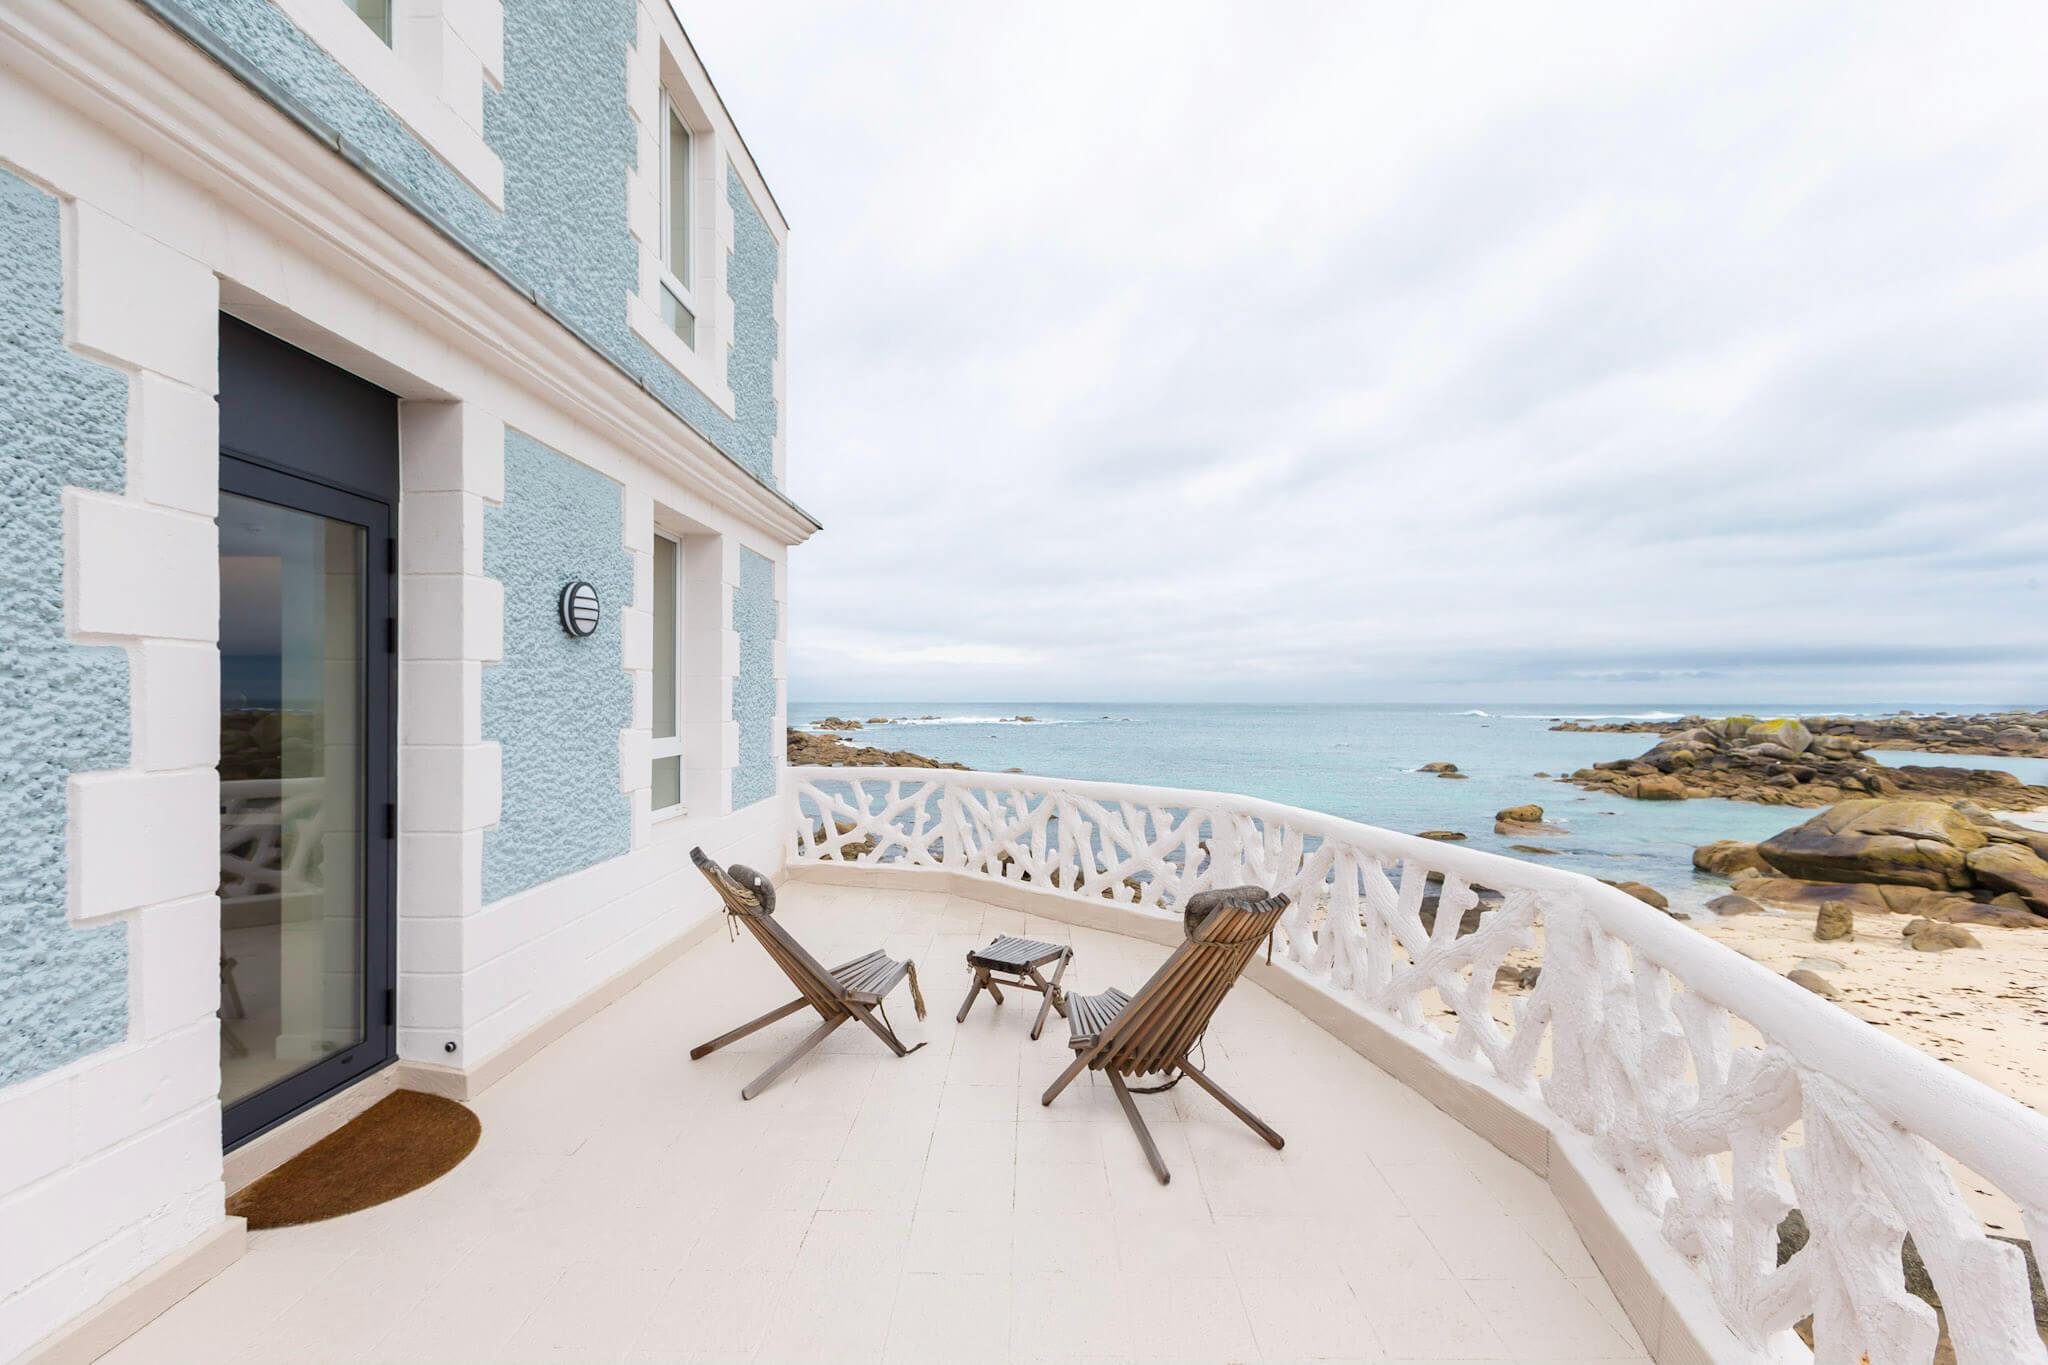 Les réalisations Lehmann Studio, photographe à Angers - reportage photo architecture hôtel de la mer Brignogan extérieur